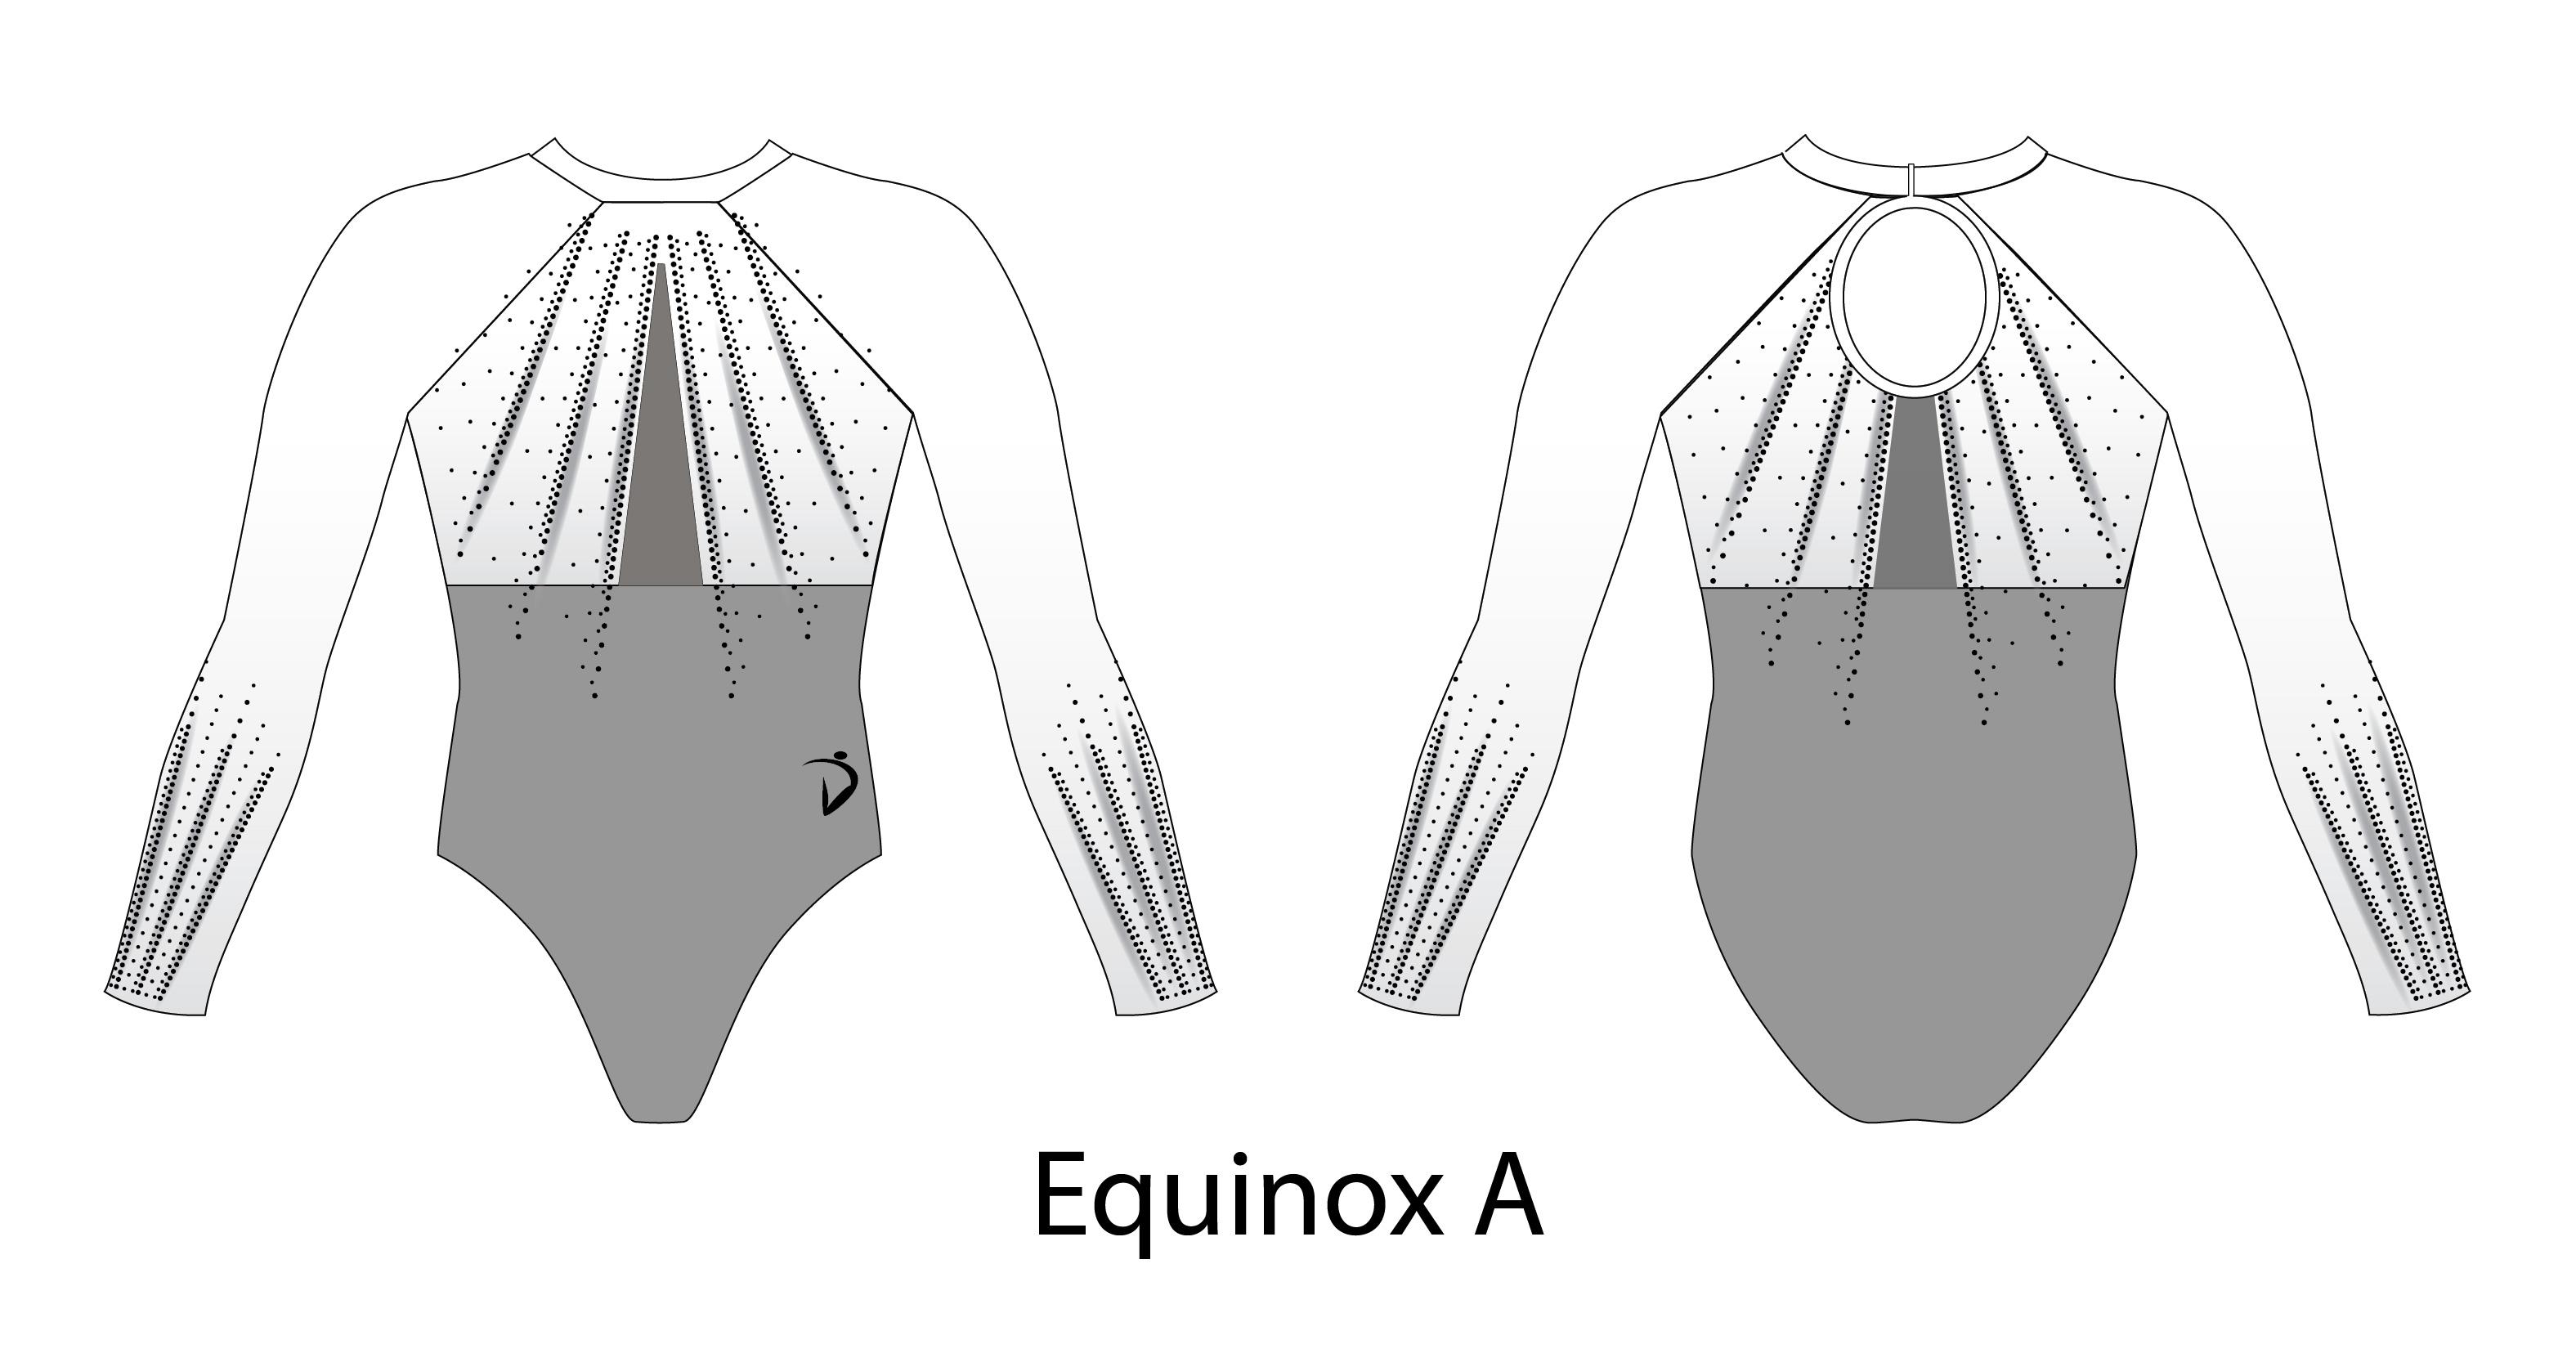 Equinox A